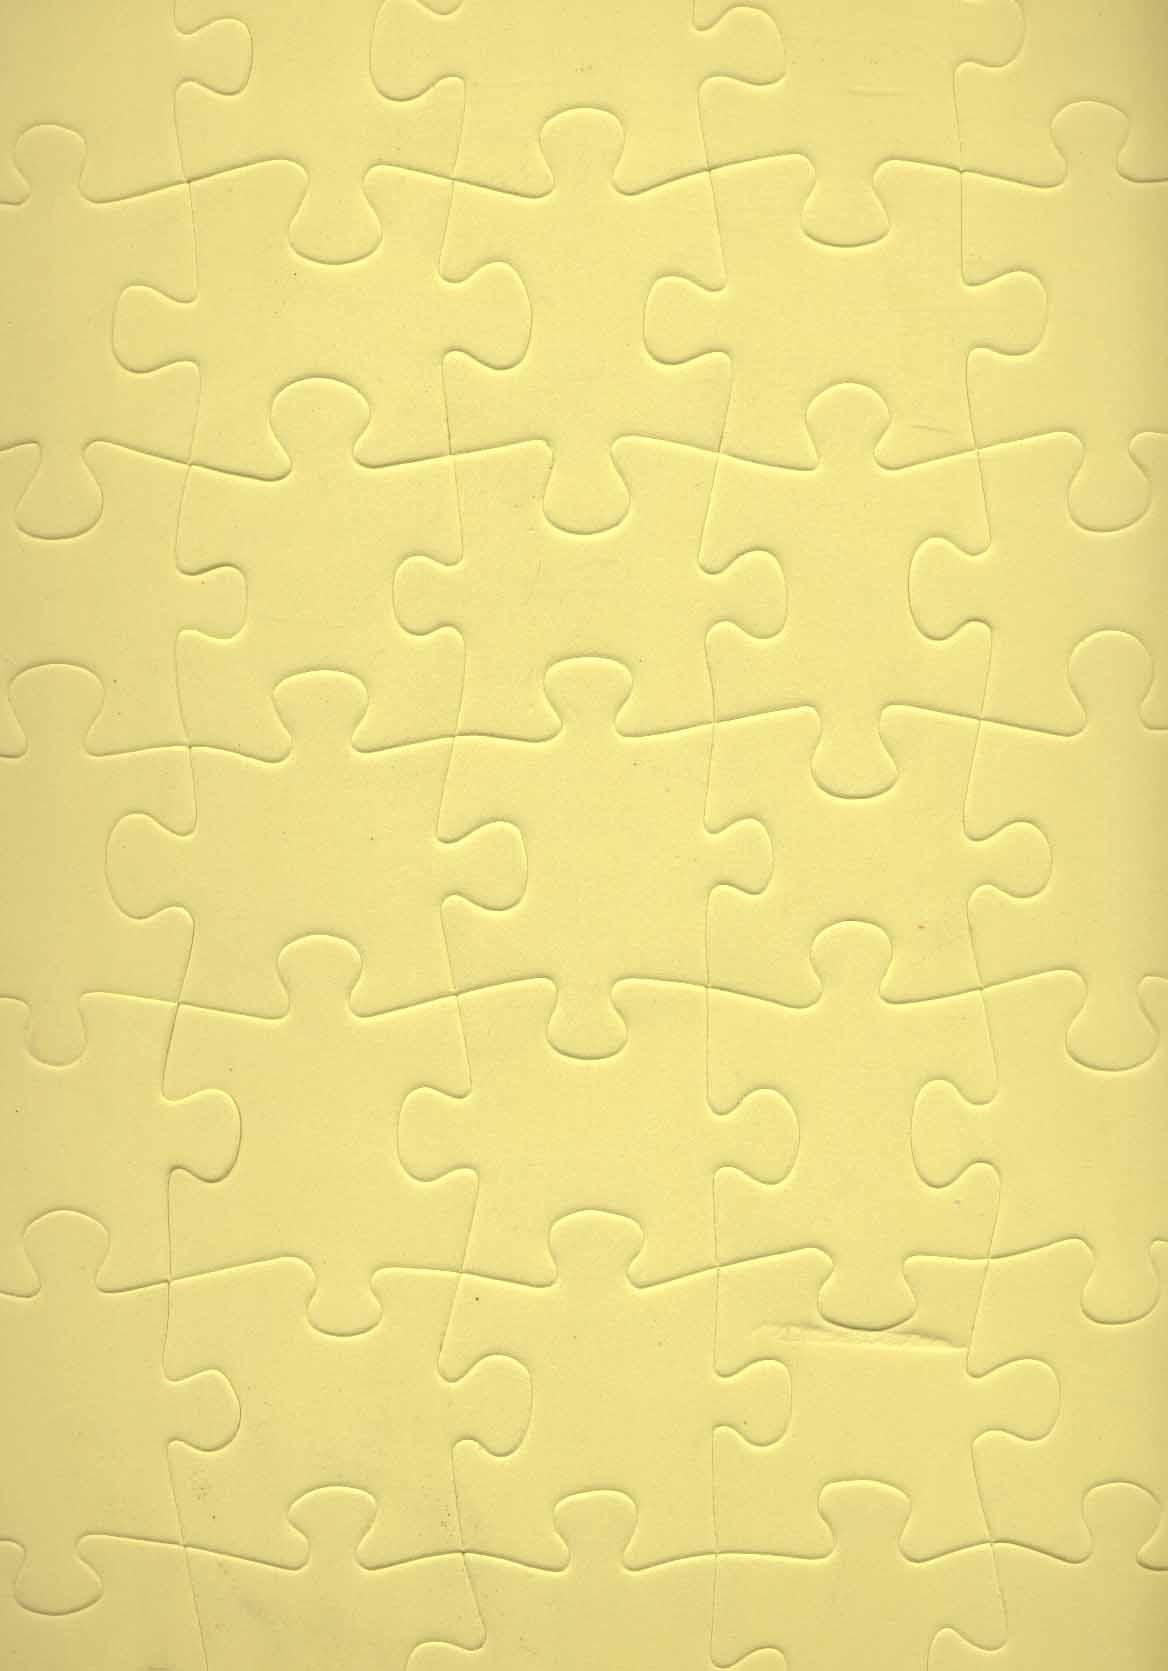 پازل فومی مک کوئین (35 تکه)،(گلاسه)